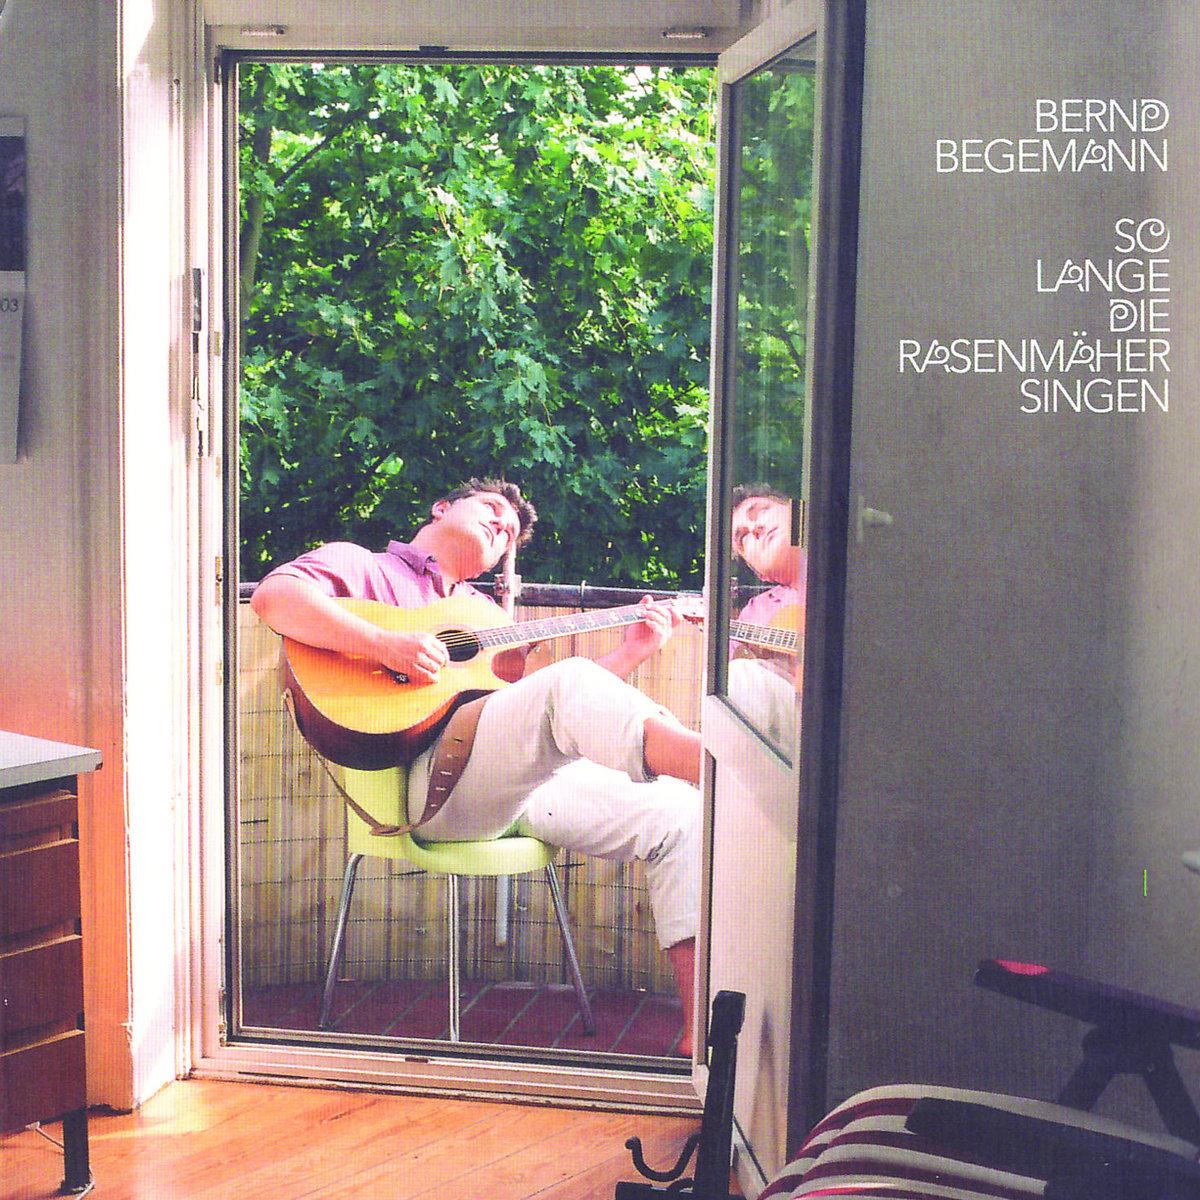 Bernd Begemann – Solange Die Rasenmäher Singen (1994) Book Cover